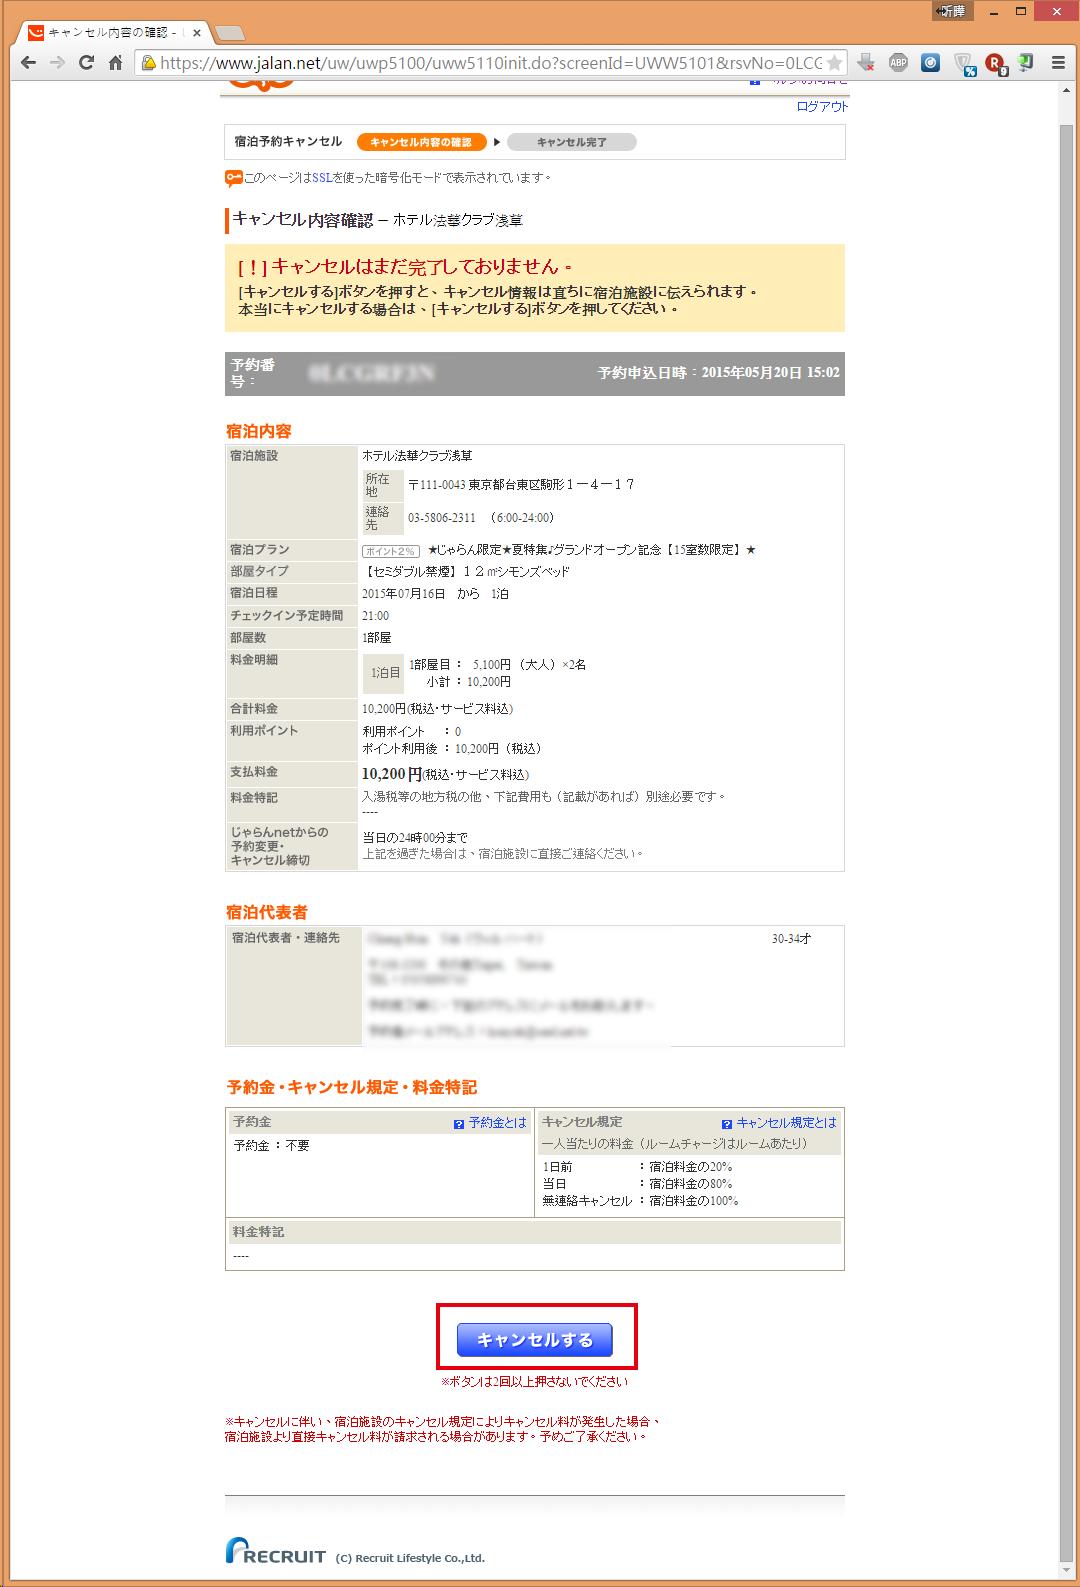 螢幕截圖 2015-05-20 14.10.51